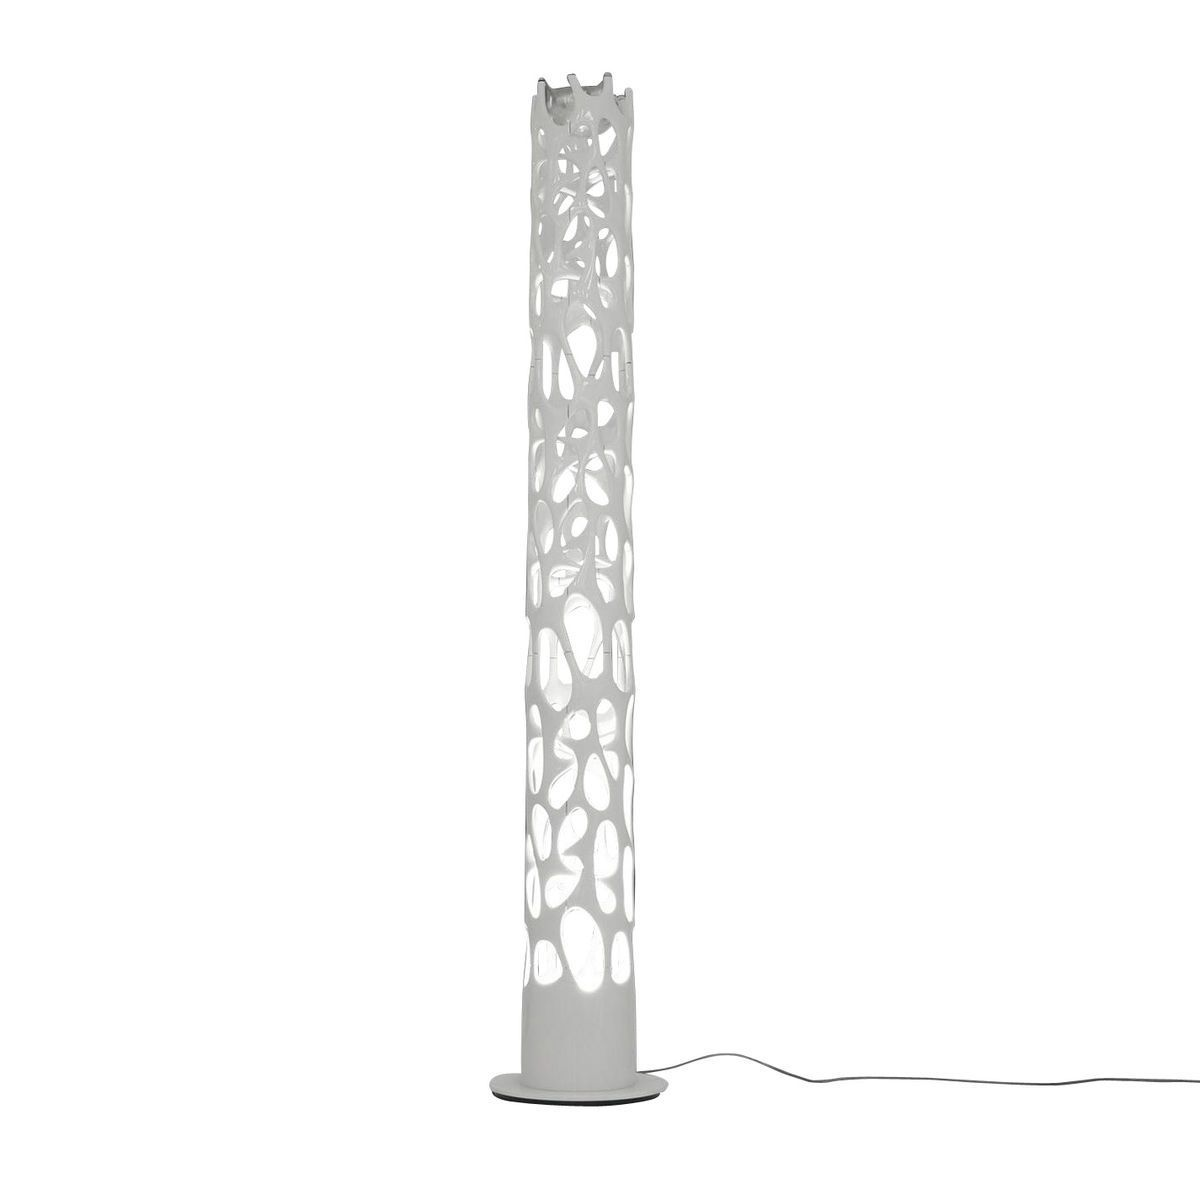 new nature led vloerlamp artemide. Black Bedroom Furniture Sets. Home Design Ideas